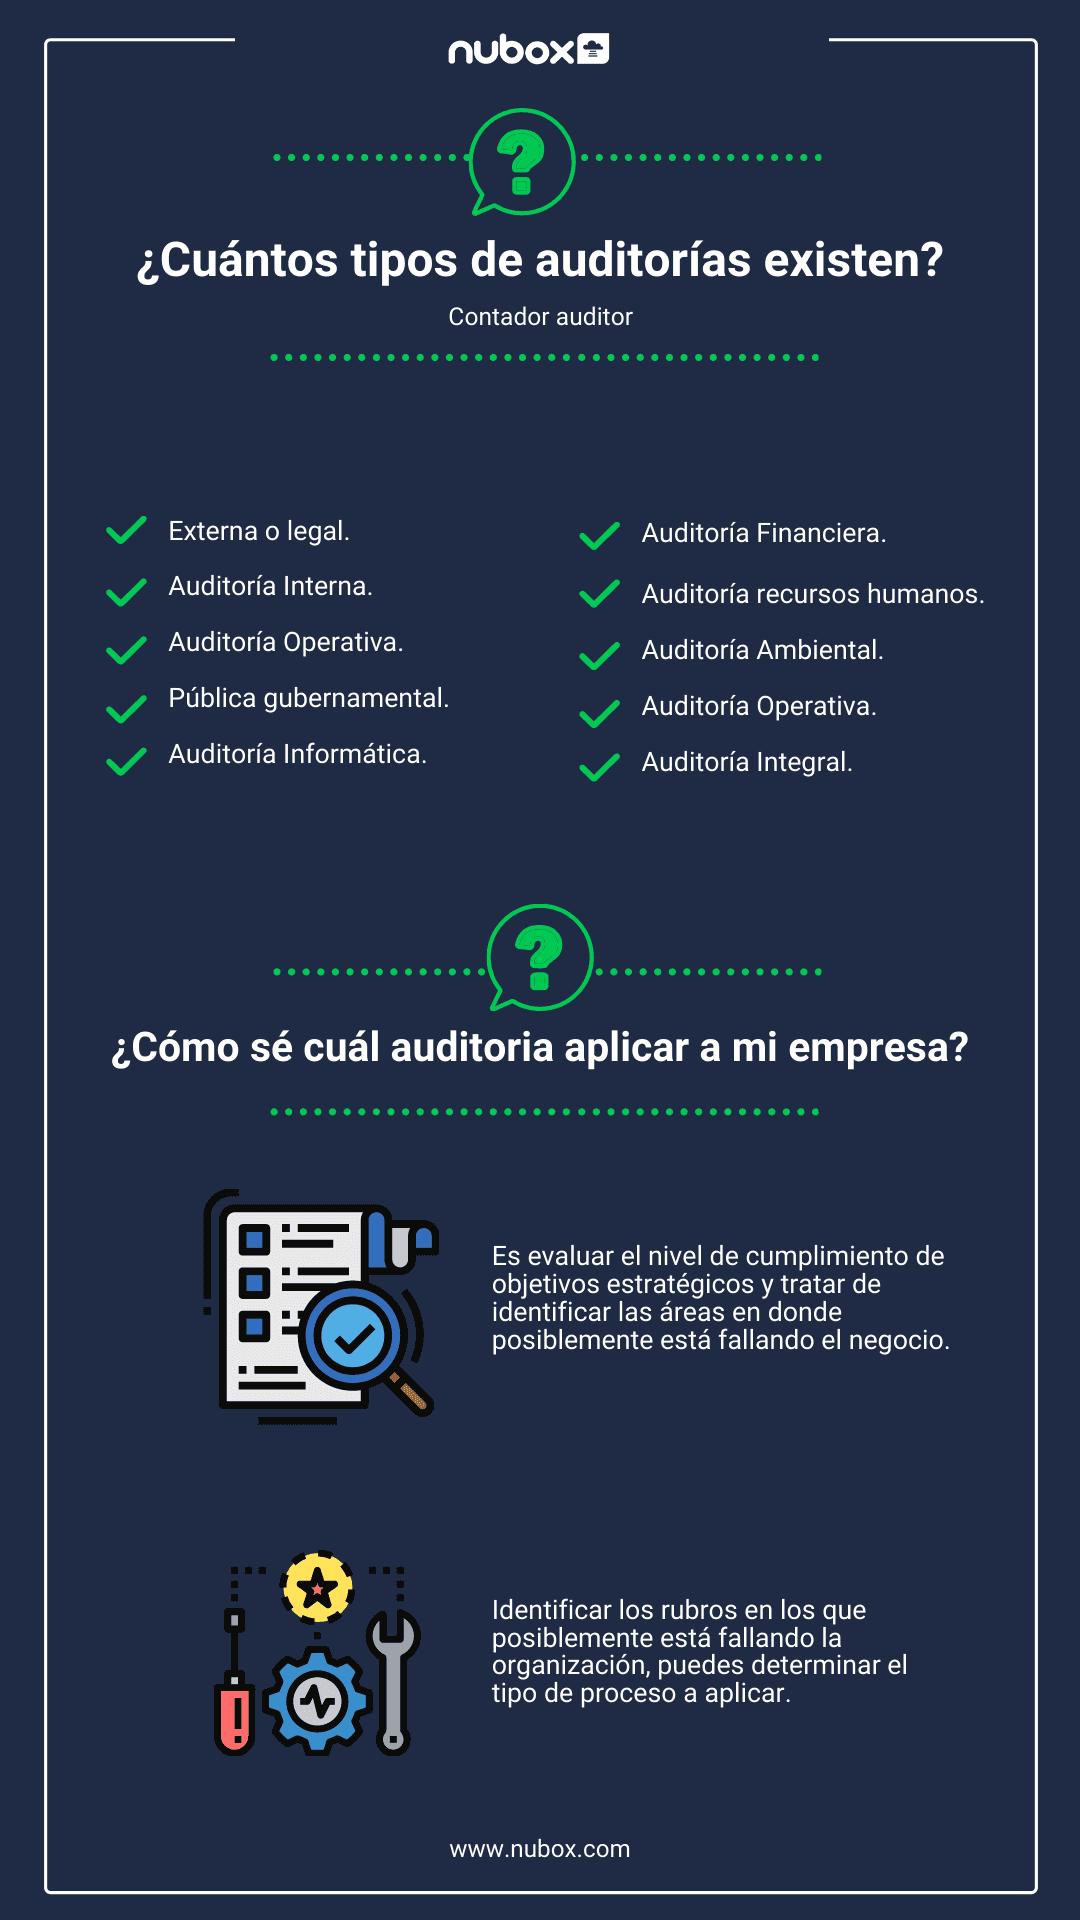 ¿cuántos tipos de auditorías existen